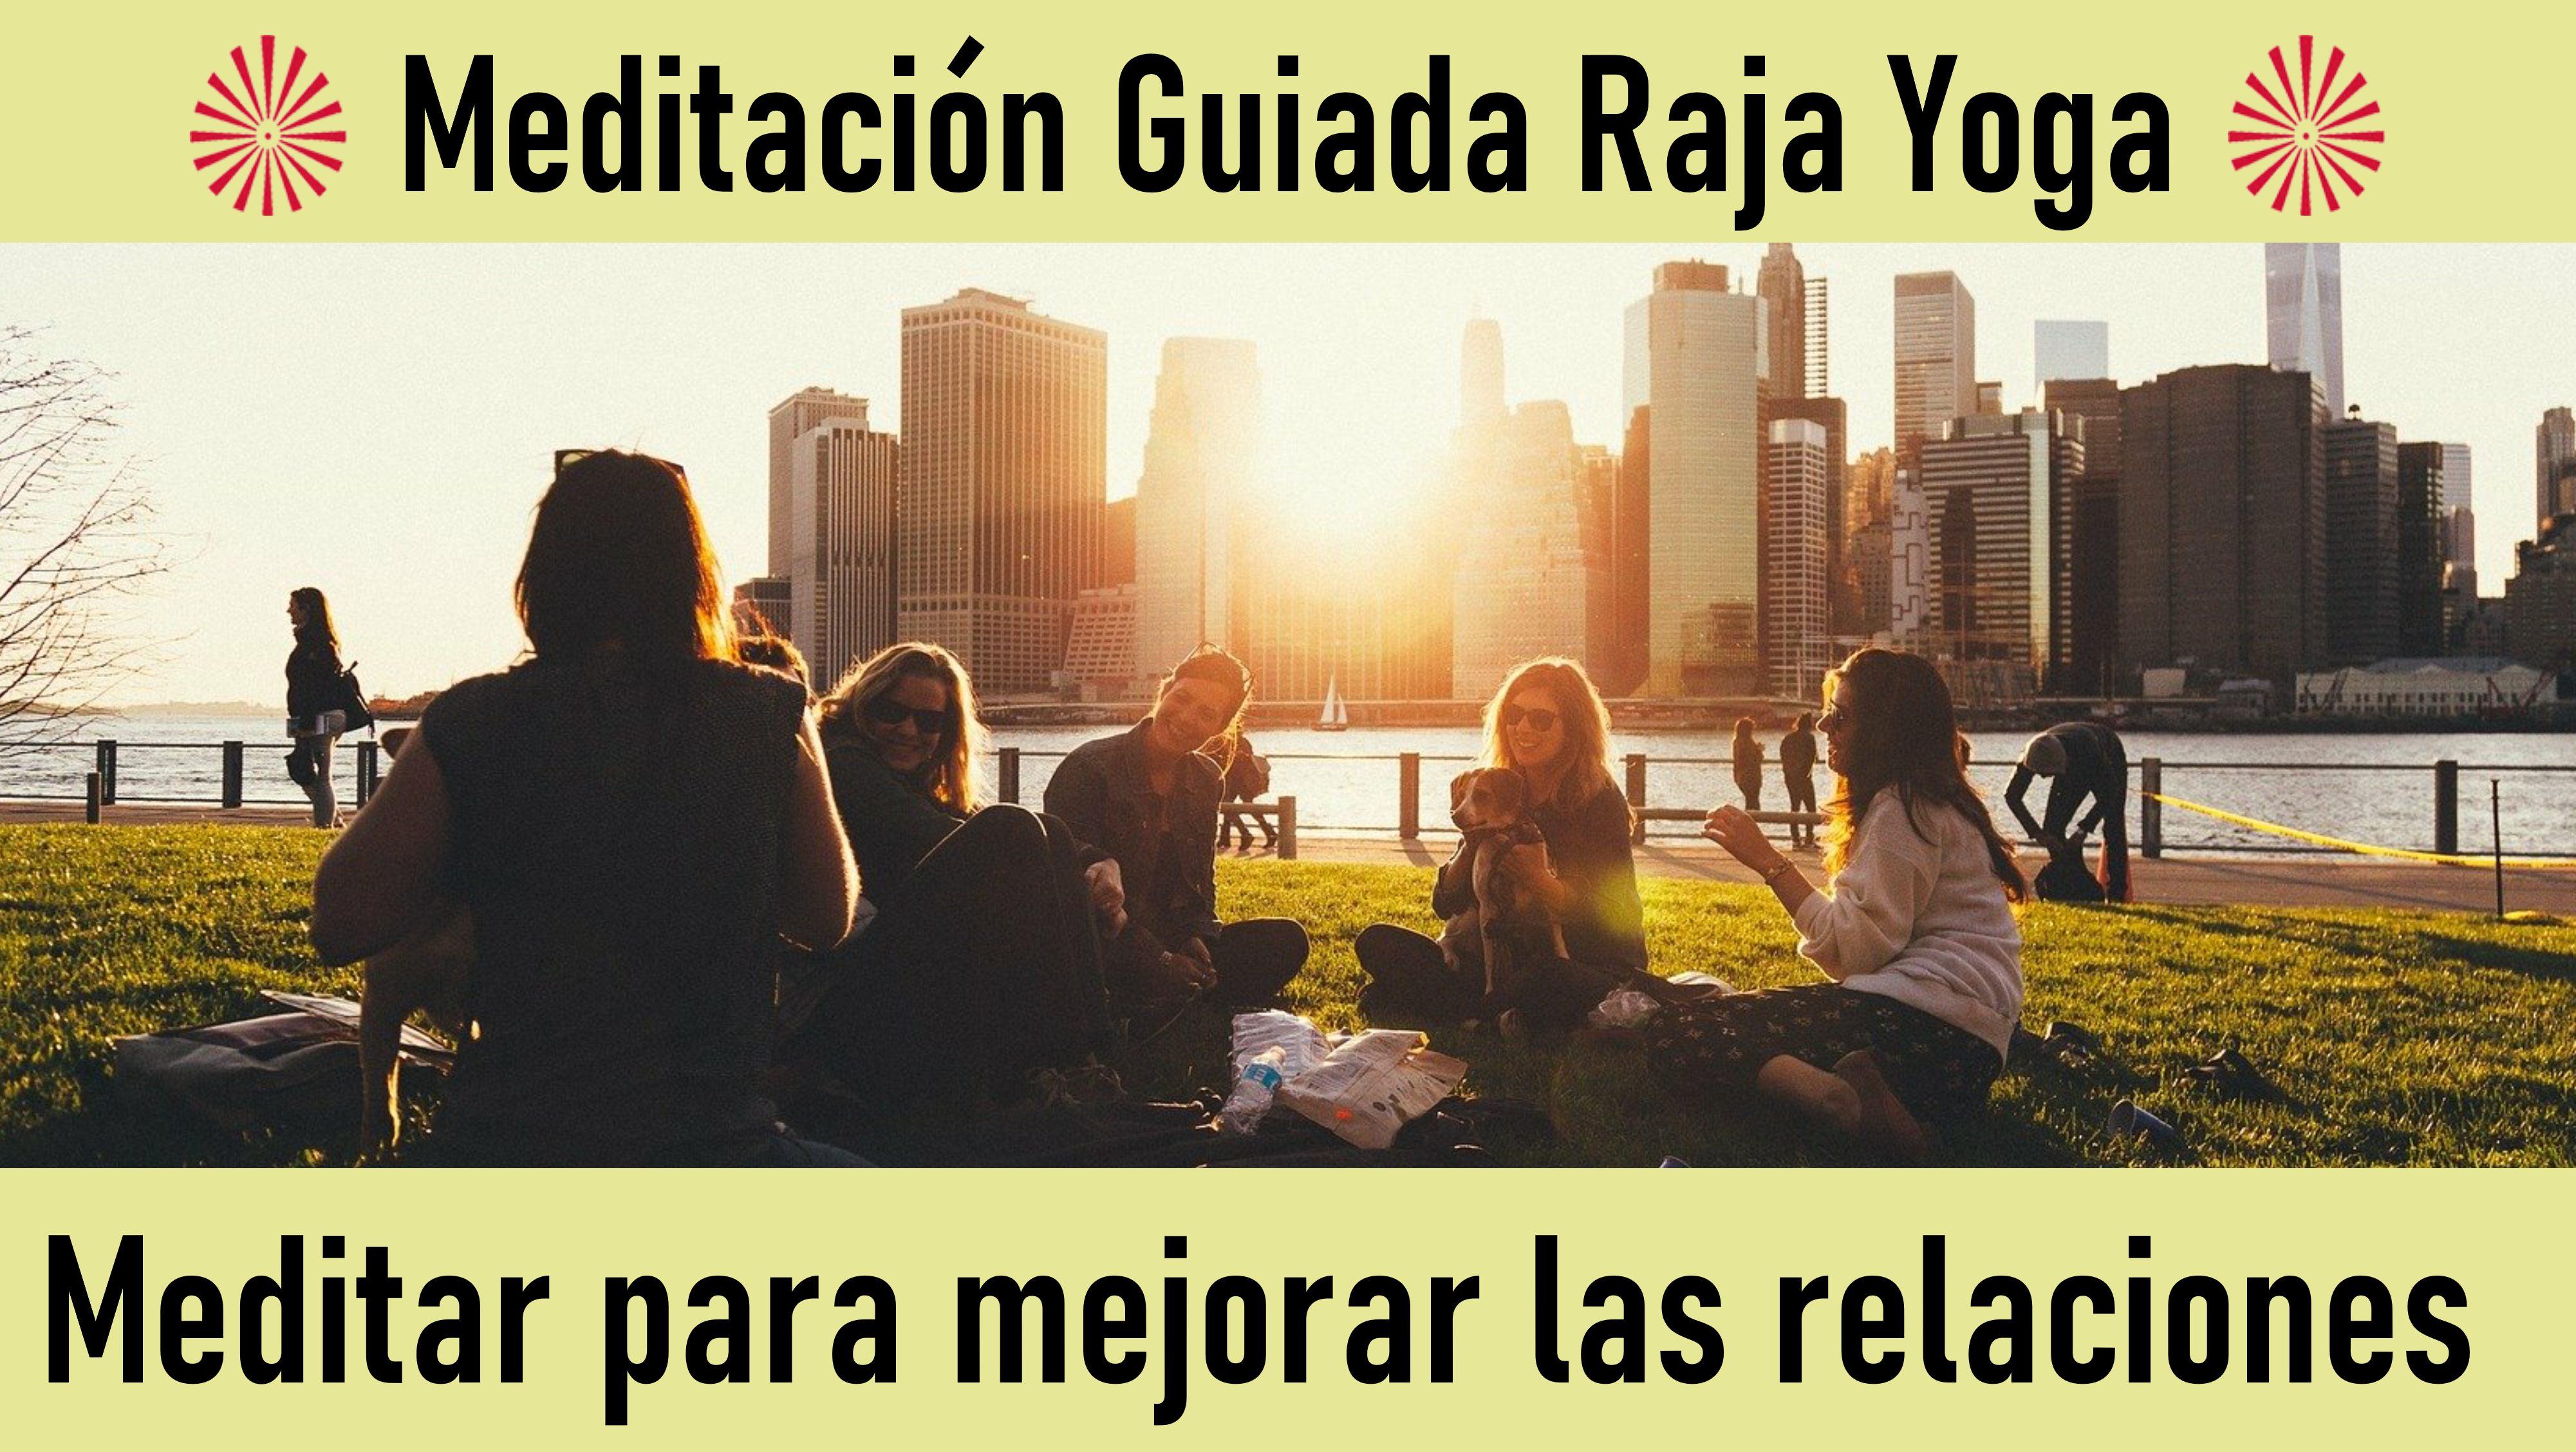 Meditación Raja Yoga: Meditar para Mejorar las Relaciones (20 Mayo 2020) On-line desde Sevilla